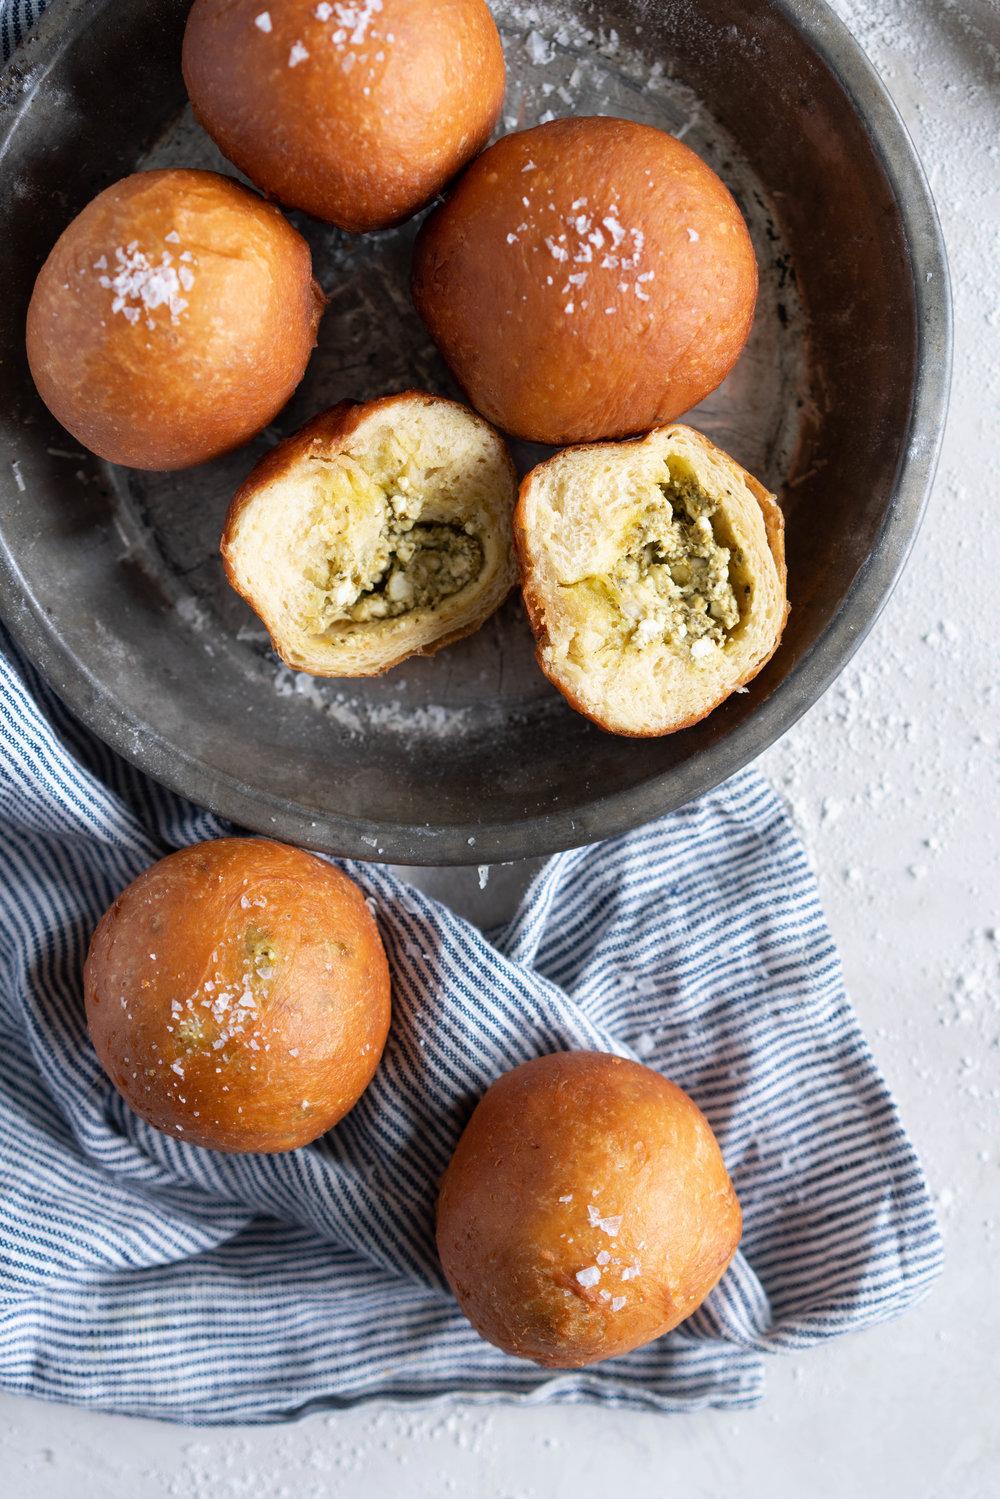 Basil Pesto and Feta Stuffed Savoury Brioche Doughnuts - Brioche dough is wrapped around a basil pesto and feta filling, then fried to golden brown perfection #savoury #savory #briochedoughnut #pestoandfeta #donut #brioche